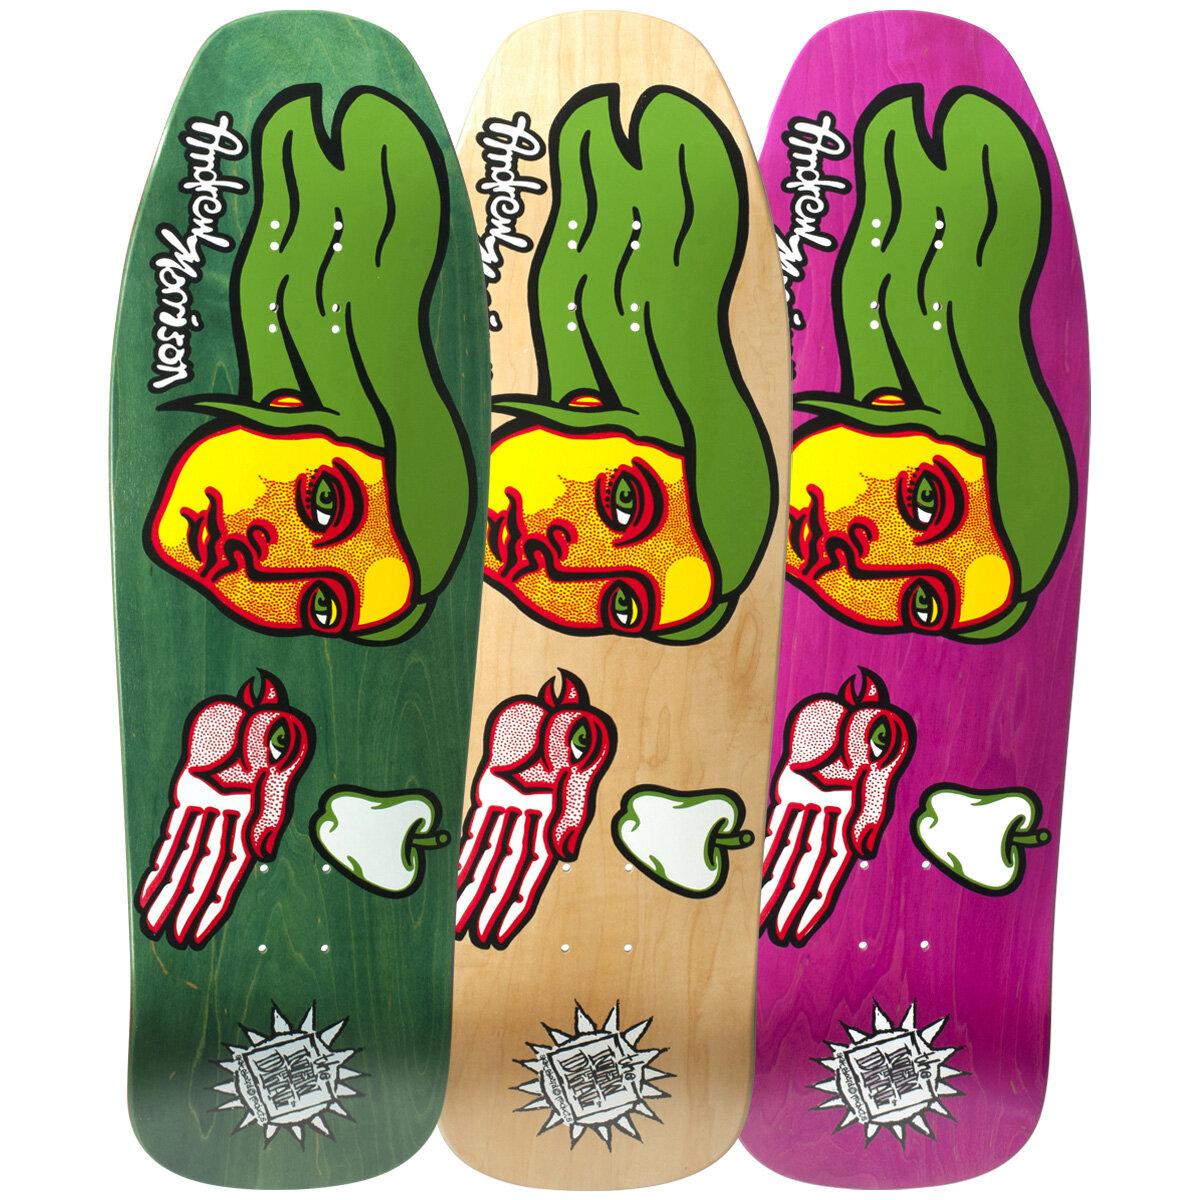 New_Deal_Skateboards_Andrew_Morrison_Morri_bird_hand_screen_printed_deck.jpg